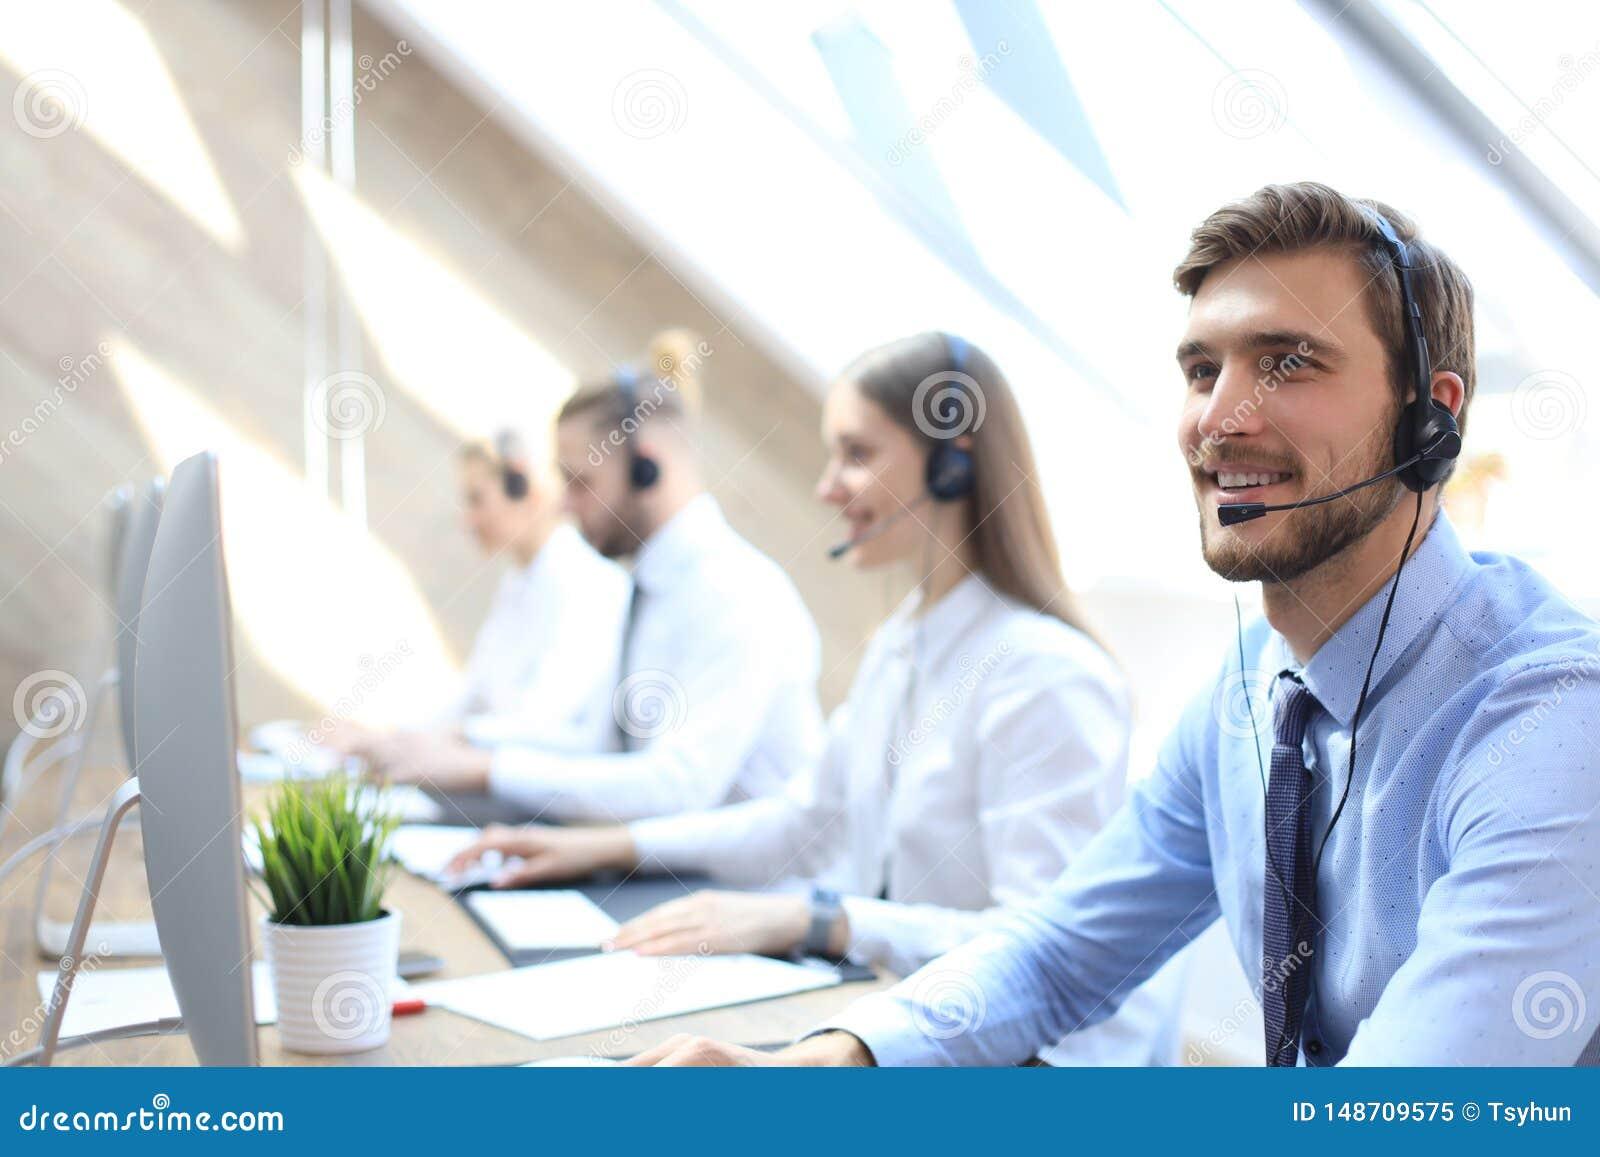 他的队陪同的电话中心工作者画象  微笑的用户支持操作员在工作